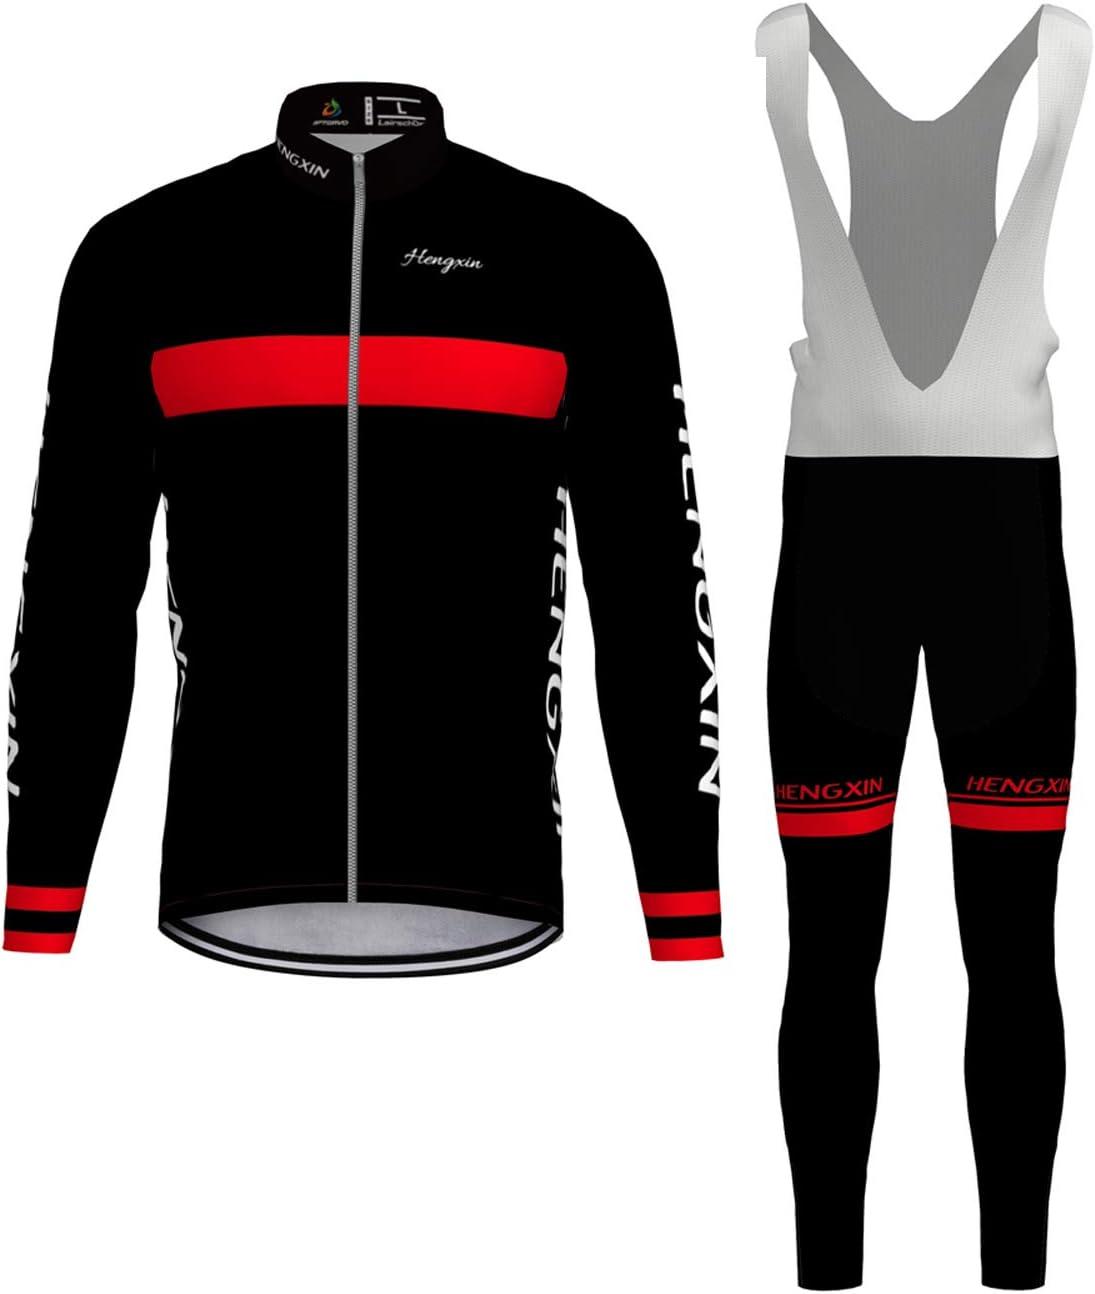 Hengxin Body Tuta Ciclismo Completo Bici Uomo Estivo con Maglia e Pantaloncini Corti Imbottiti